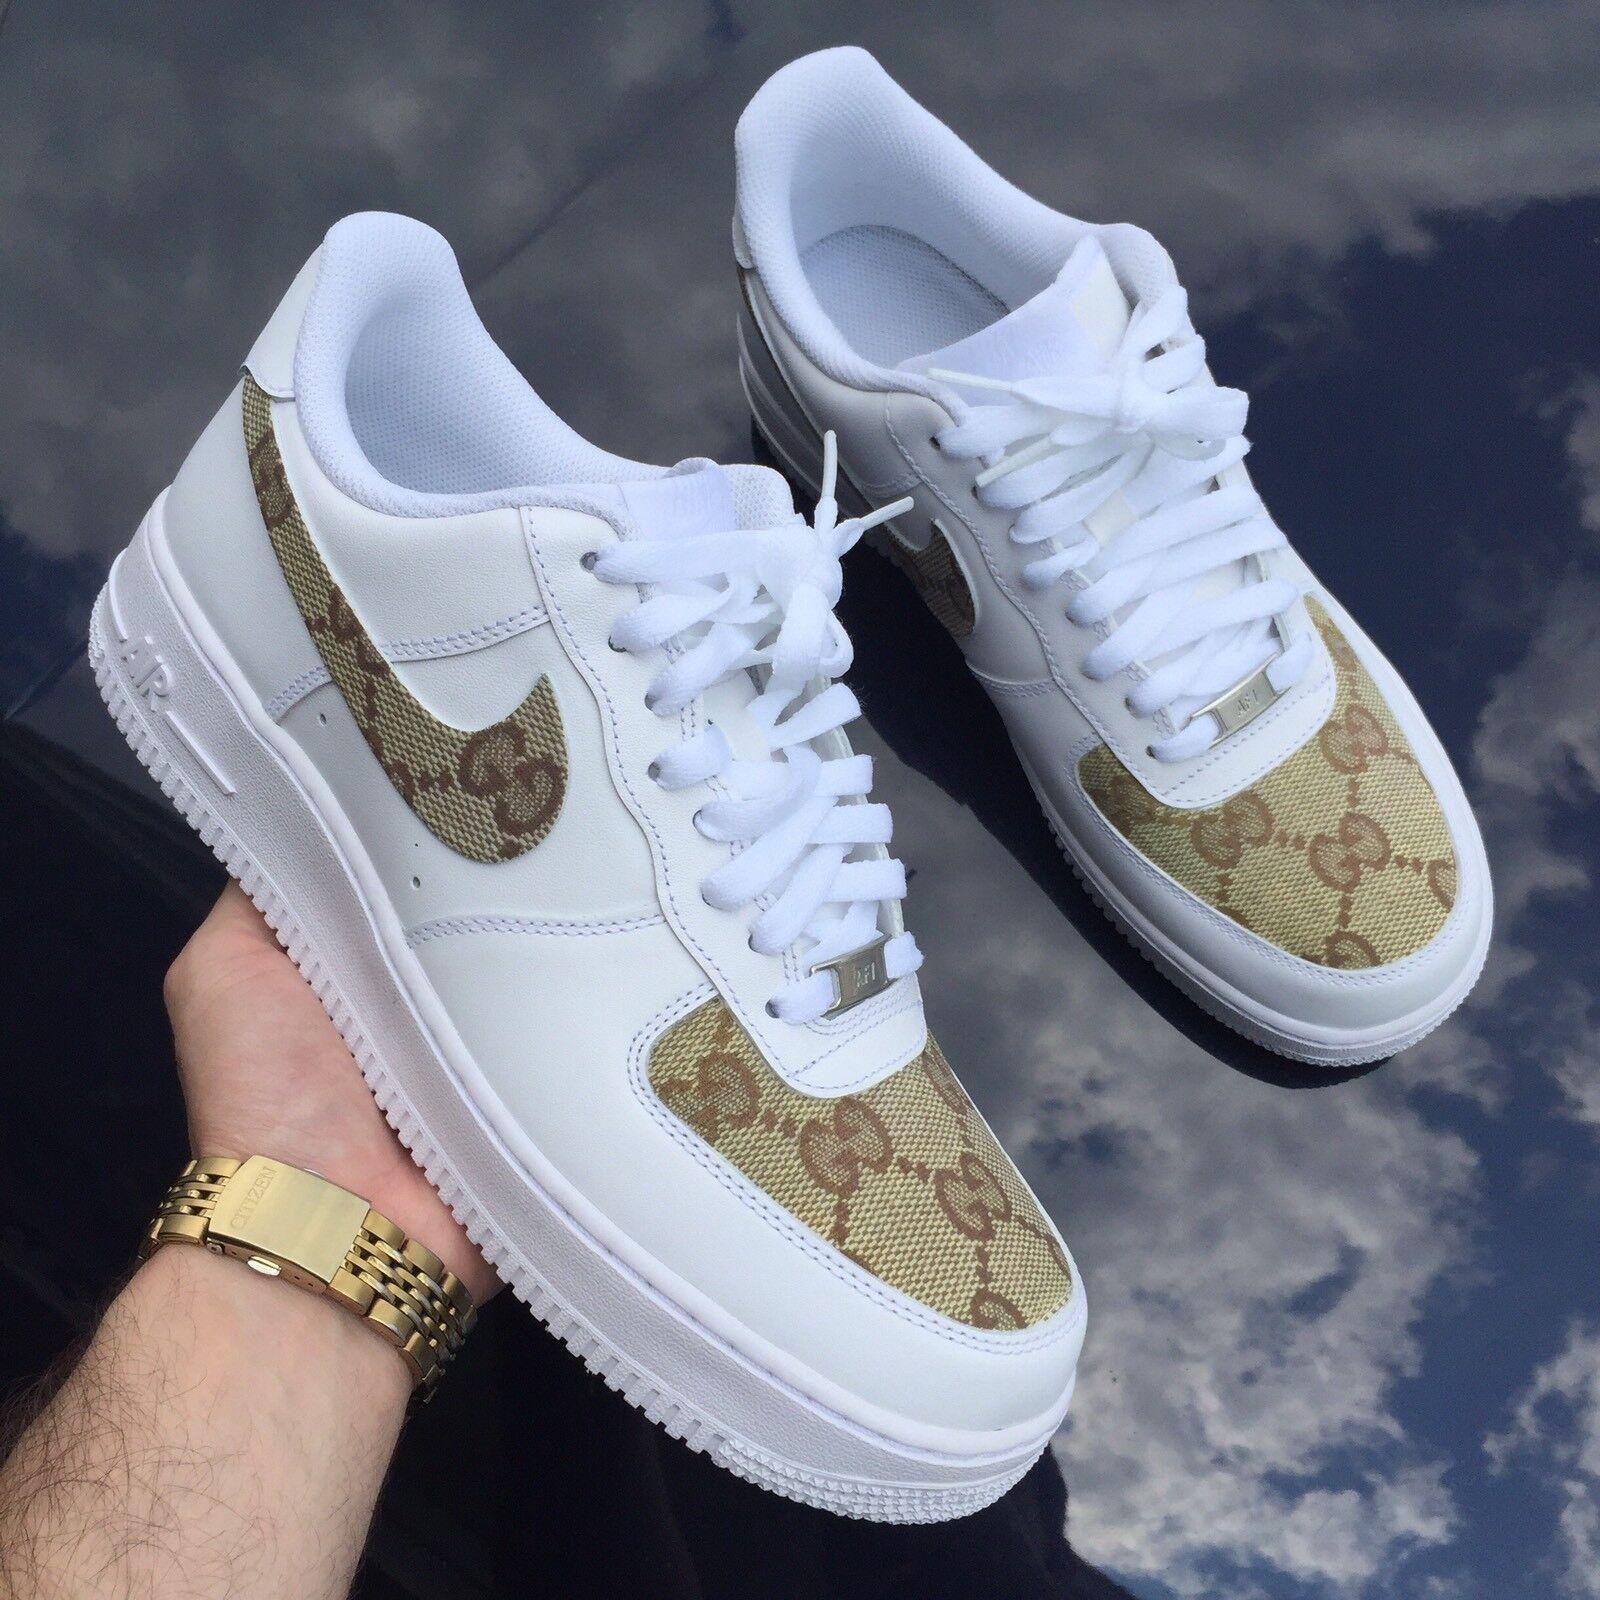 Nike Air Force 1 Usanza Ultimo Paio 5Y   Libera Usa La Spedizione!  10 + Anno Venditore